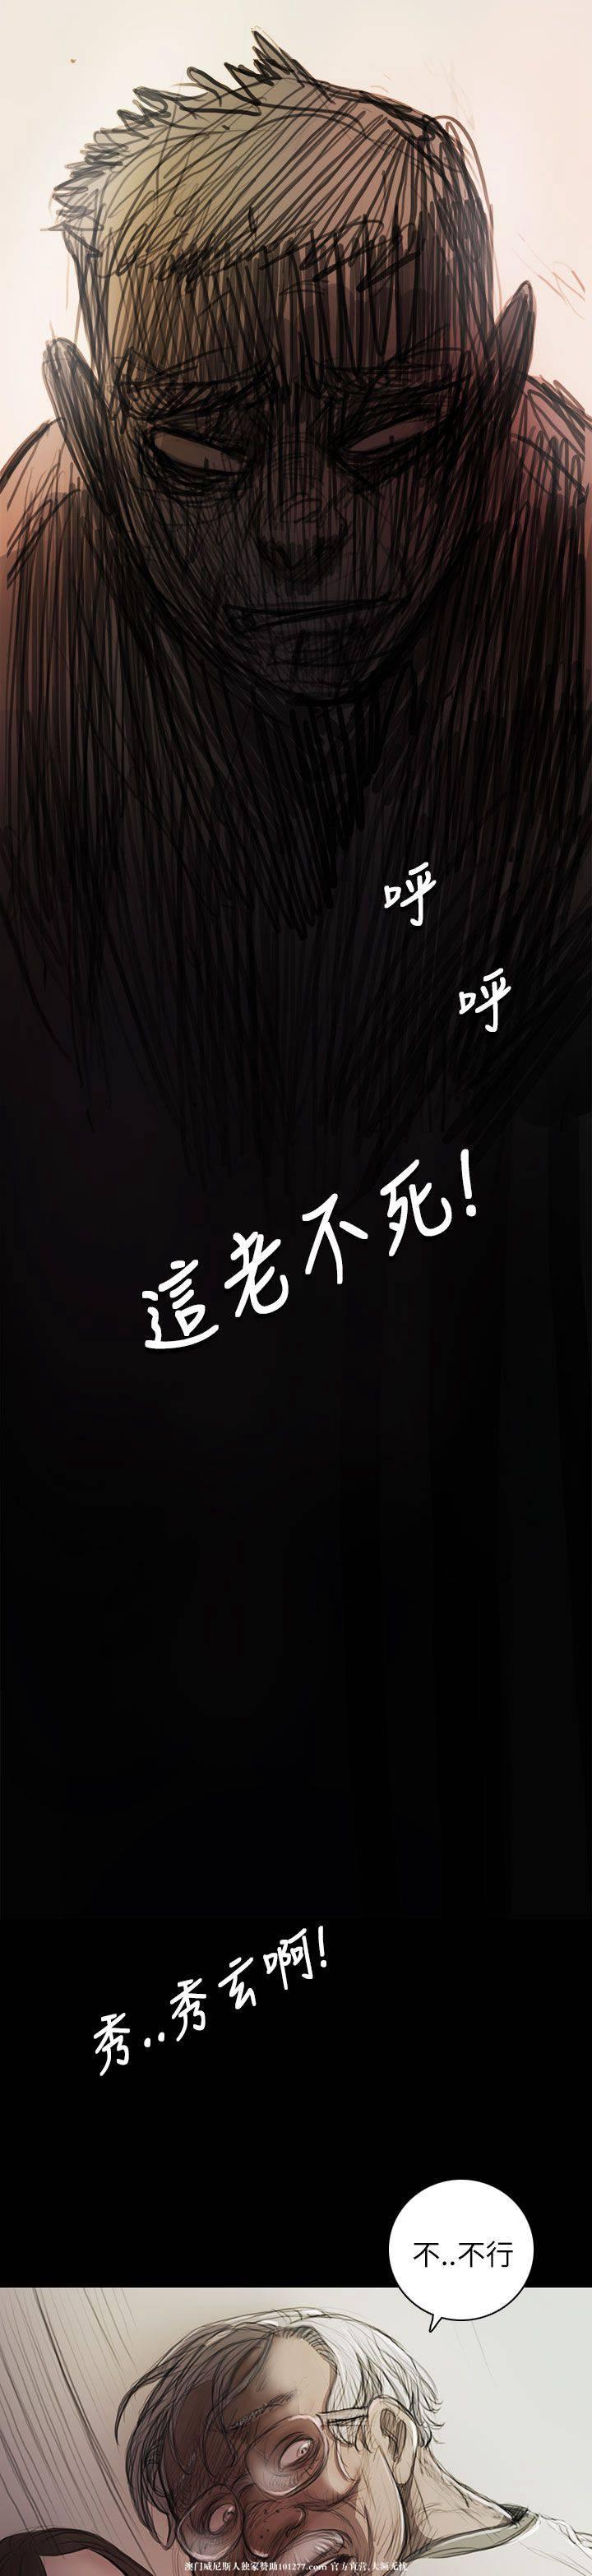 [韩漫] 姐姐-莲 9-10 [92p]